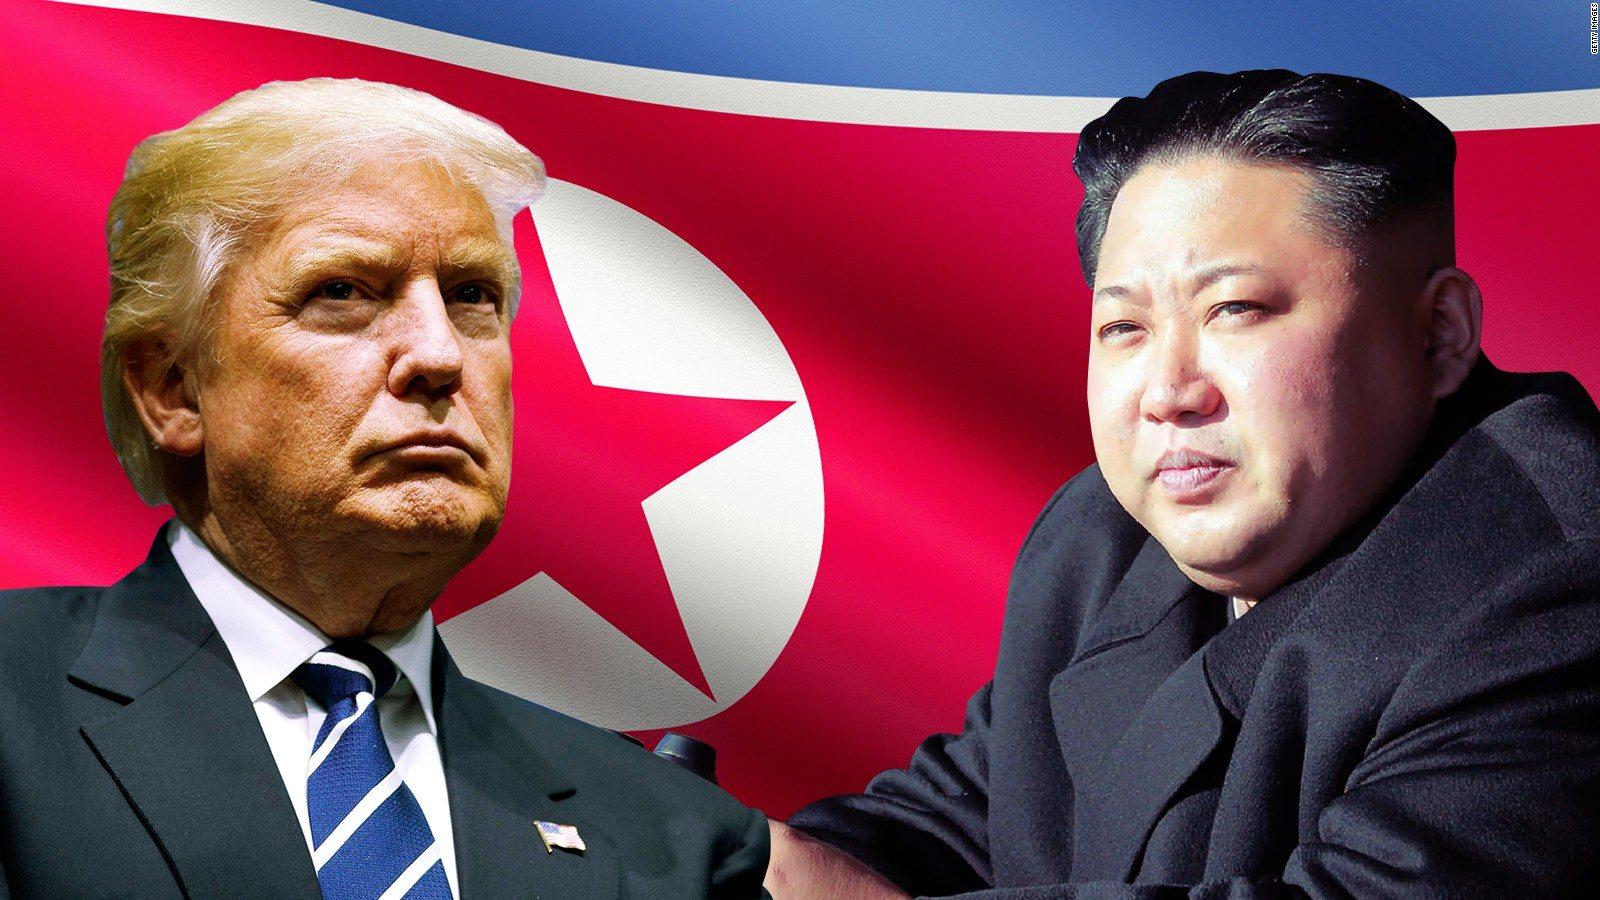 Wszystko poszło na marne! Konflikt USA z Koreą Płn. wybucha na nowo